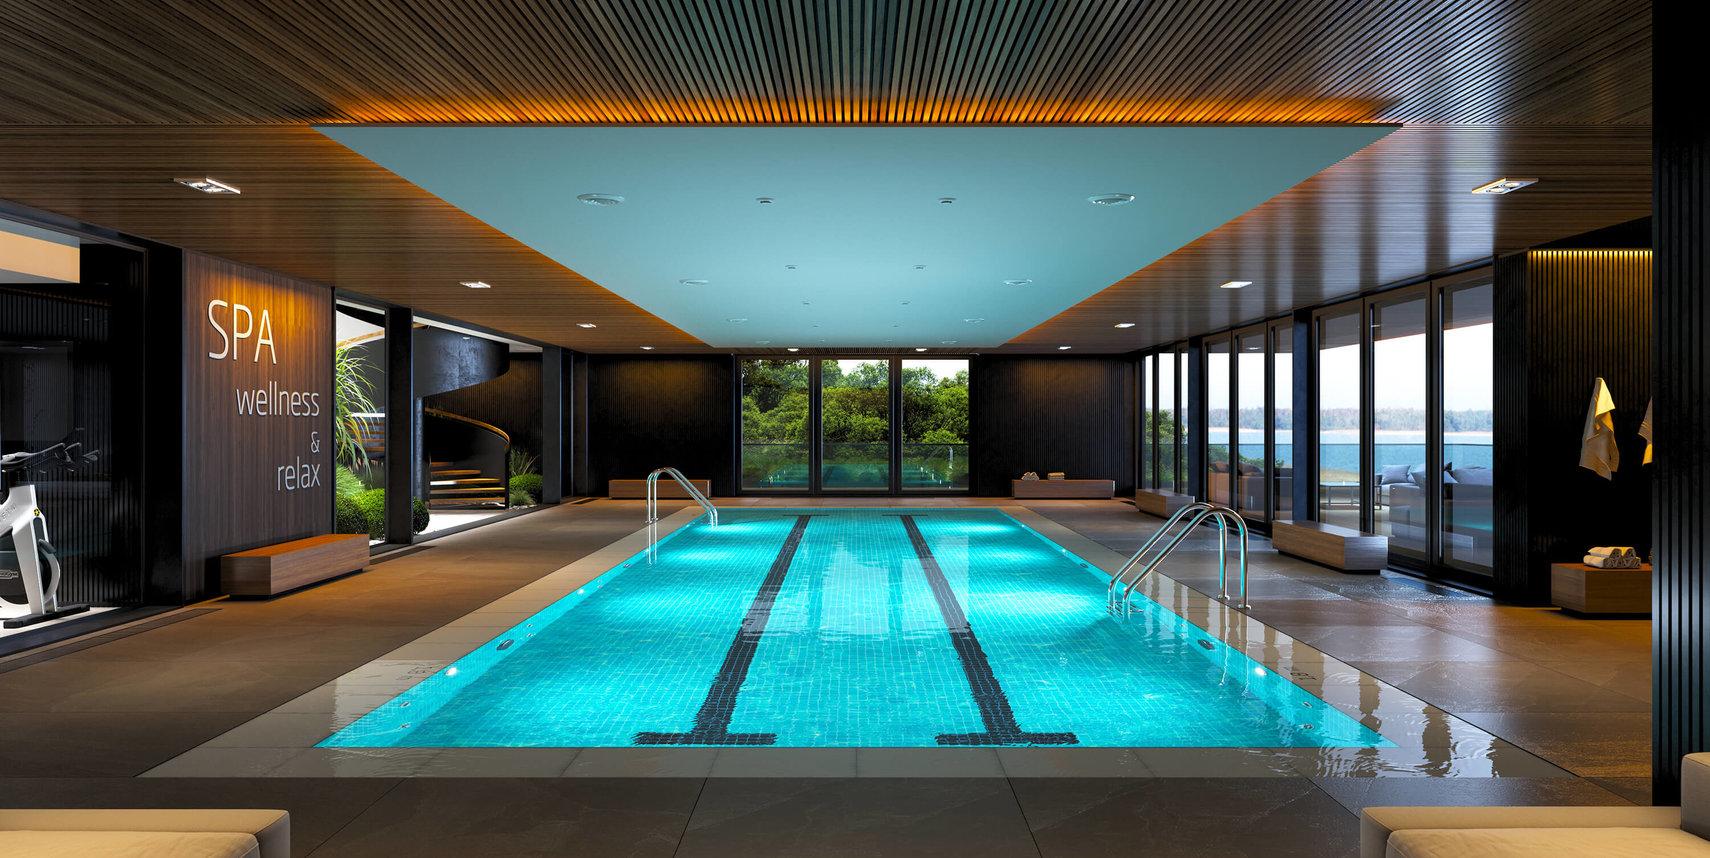 Wizualizacja 3d - wizualizacja basenu